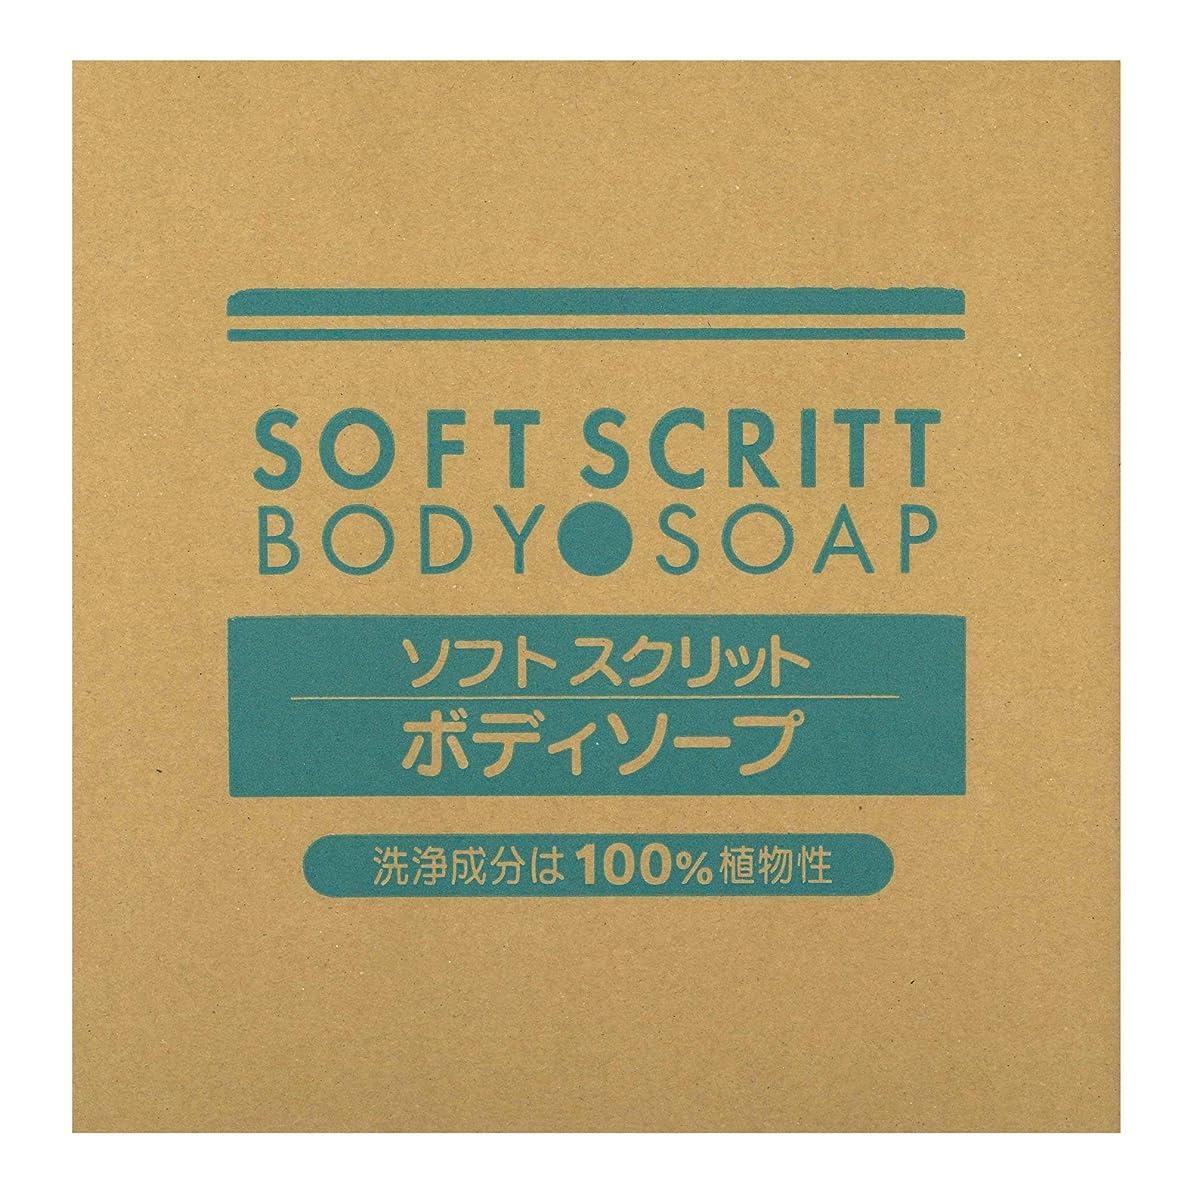 複雑な広々事故熊野油脂 業務用 SOFT SCRITT(ソフト スクリット) ボディソープ 18L